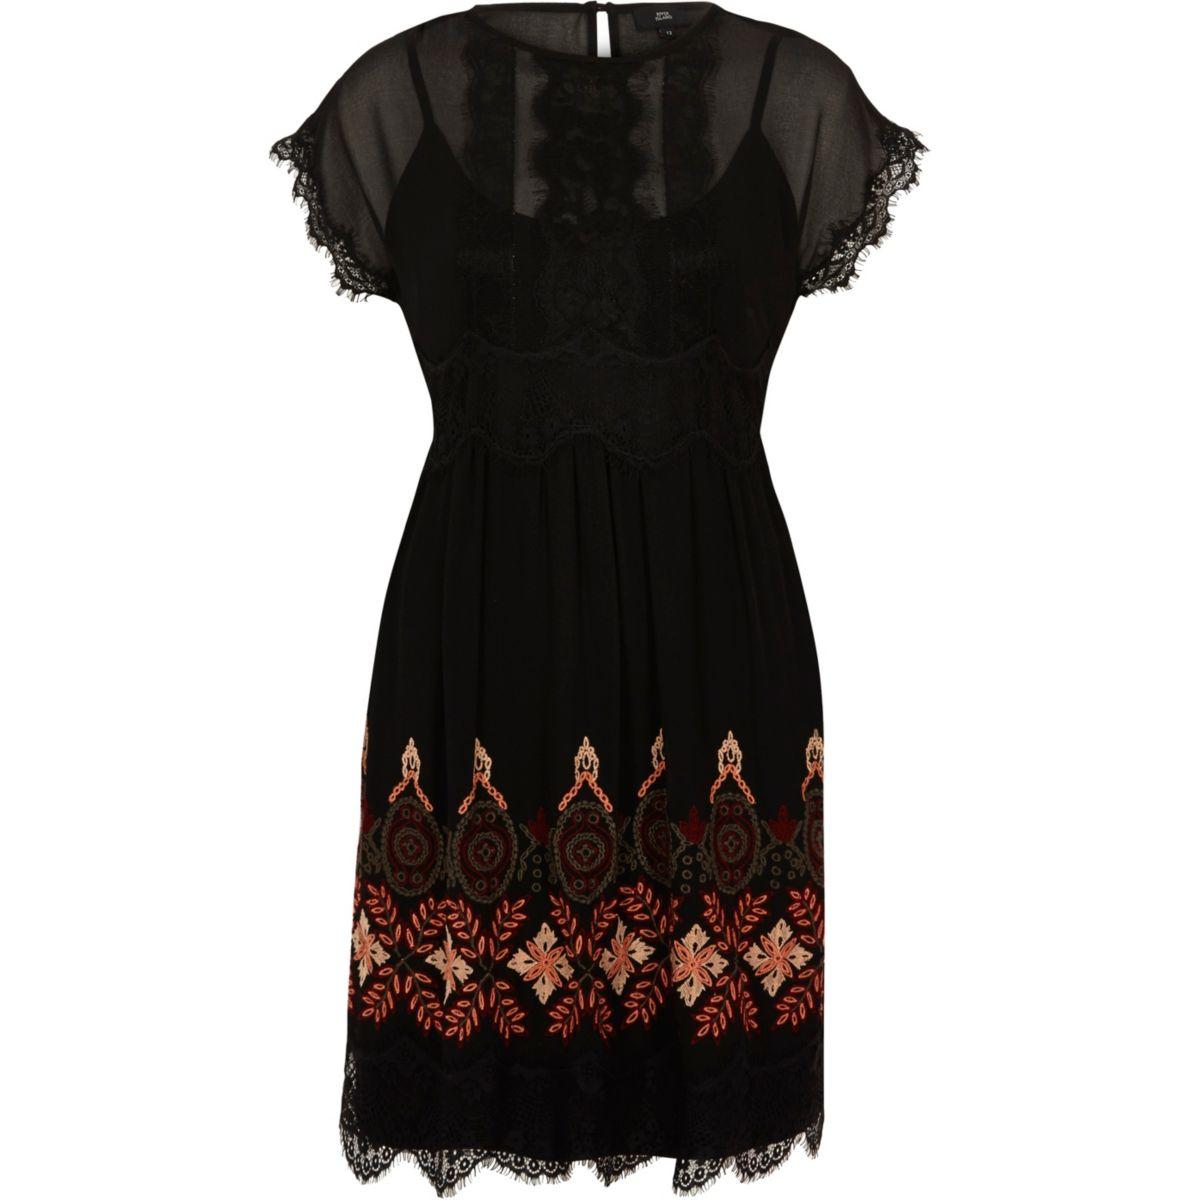 Black embroidered eyelash lace swing dress